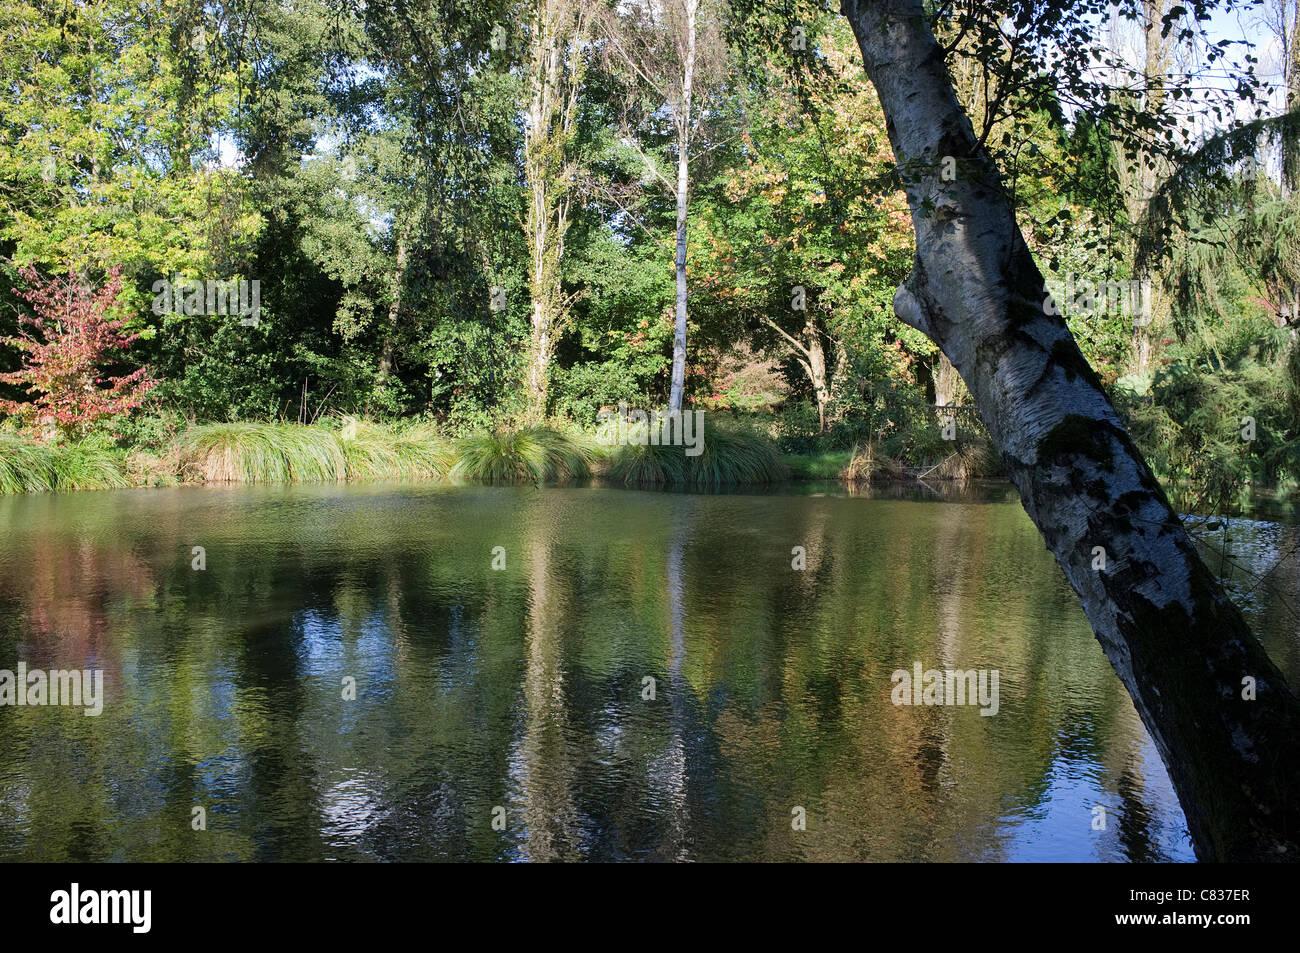 Riflessioni Lago Windlesham Arboretum -3 Immagini Stock